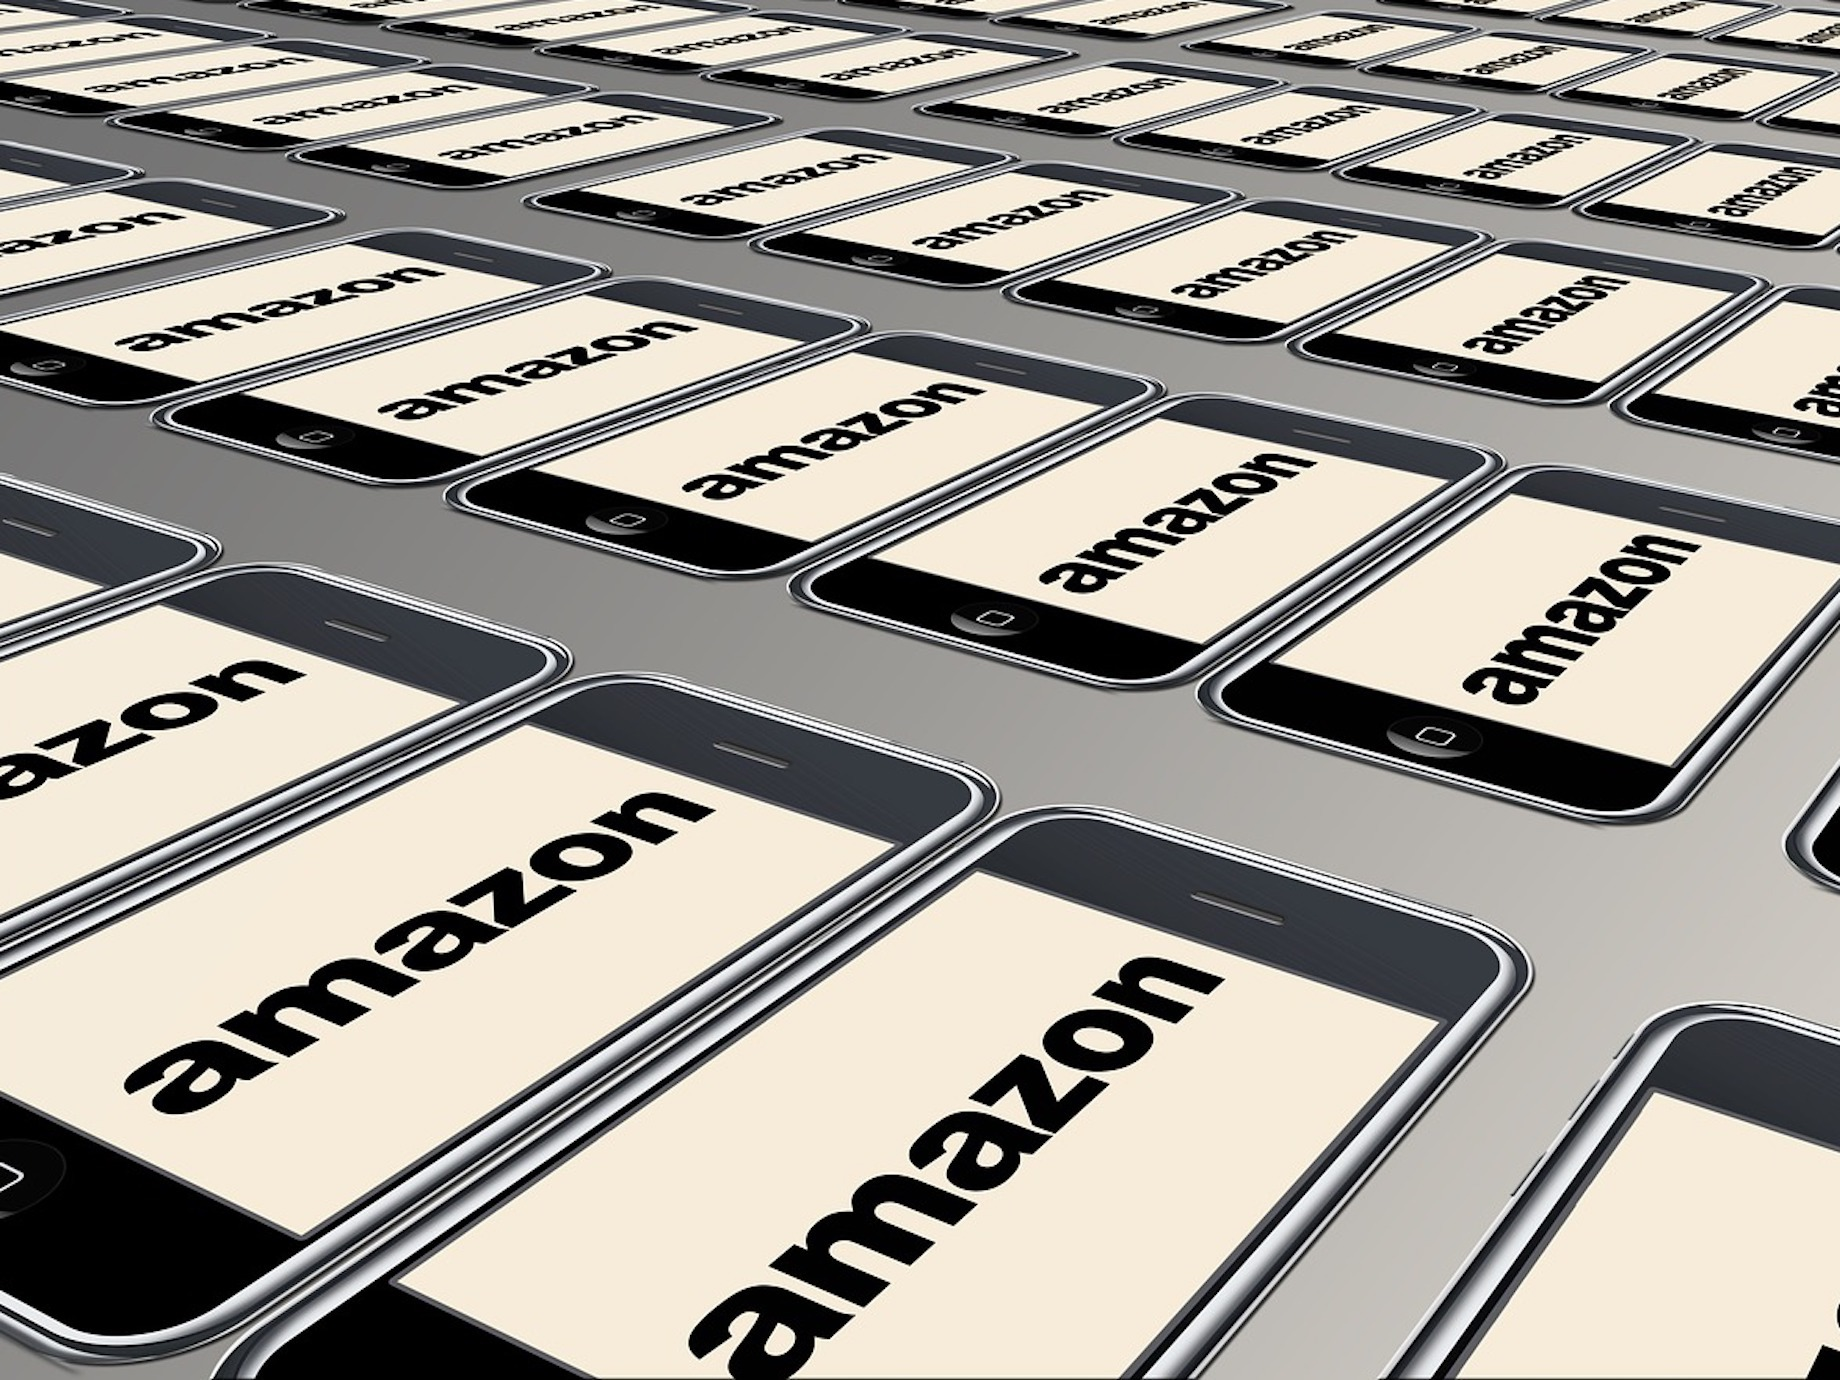 從網路書店到全球科技巨頭,亞馬遜的下一步是?